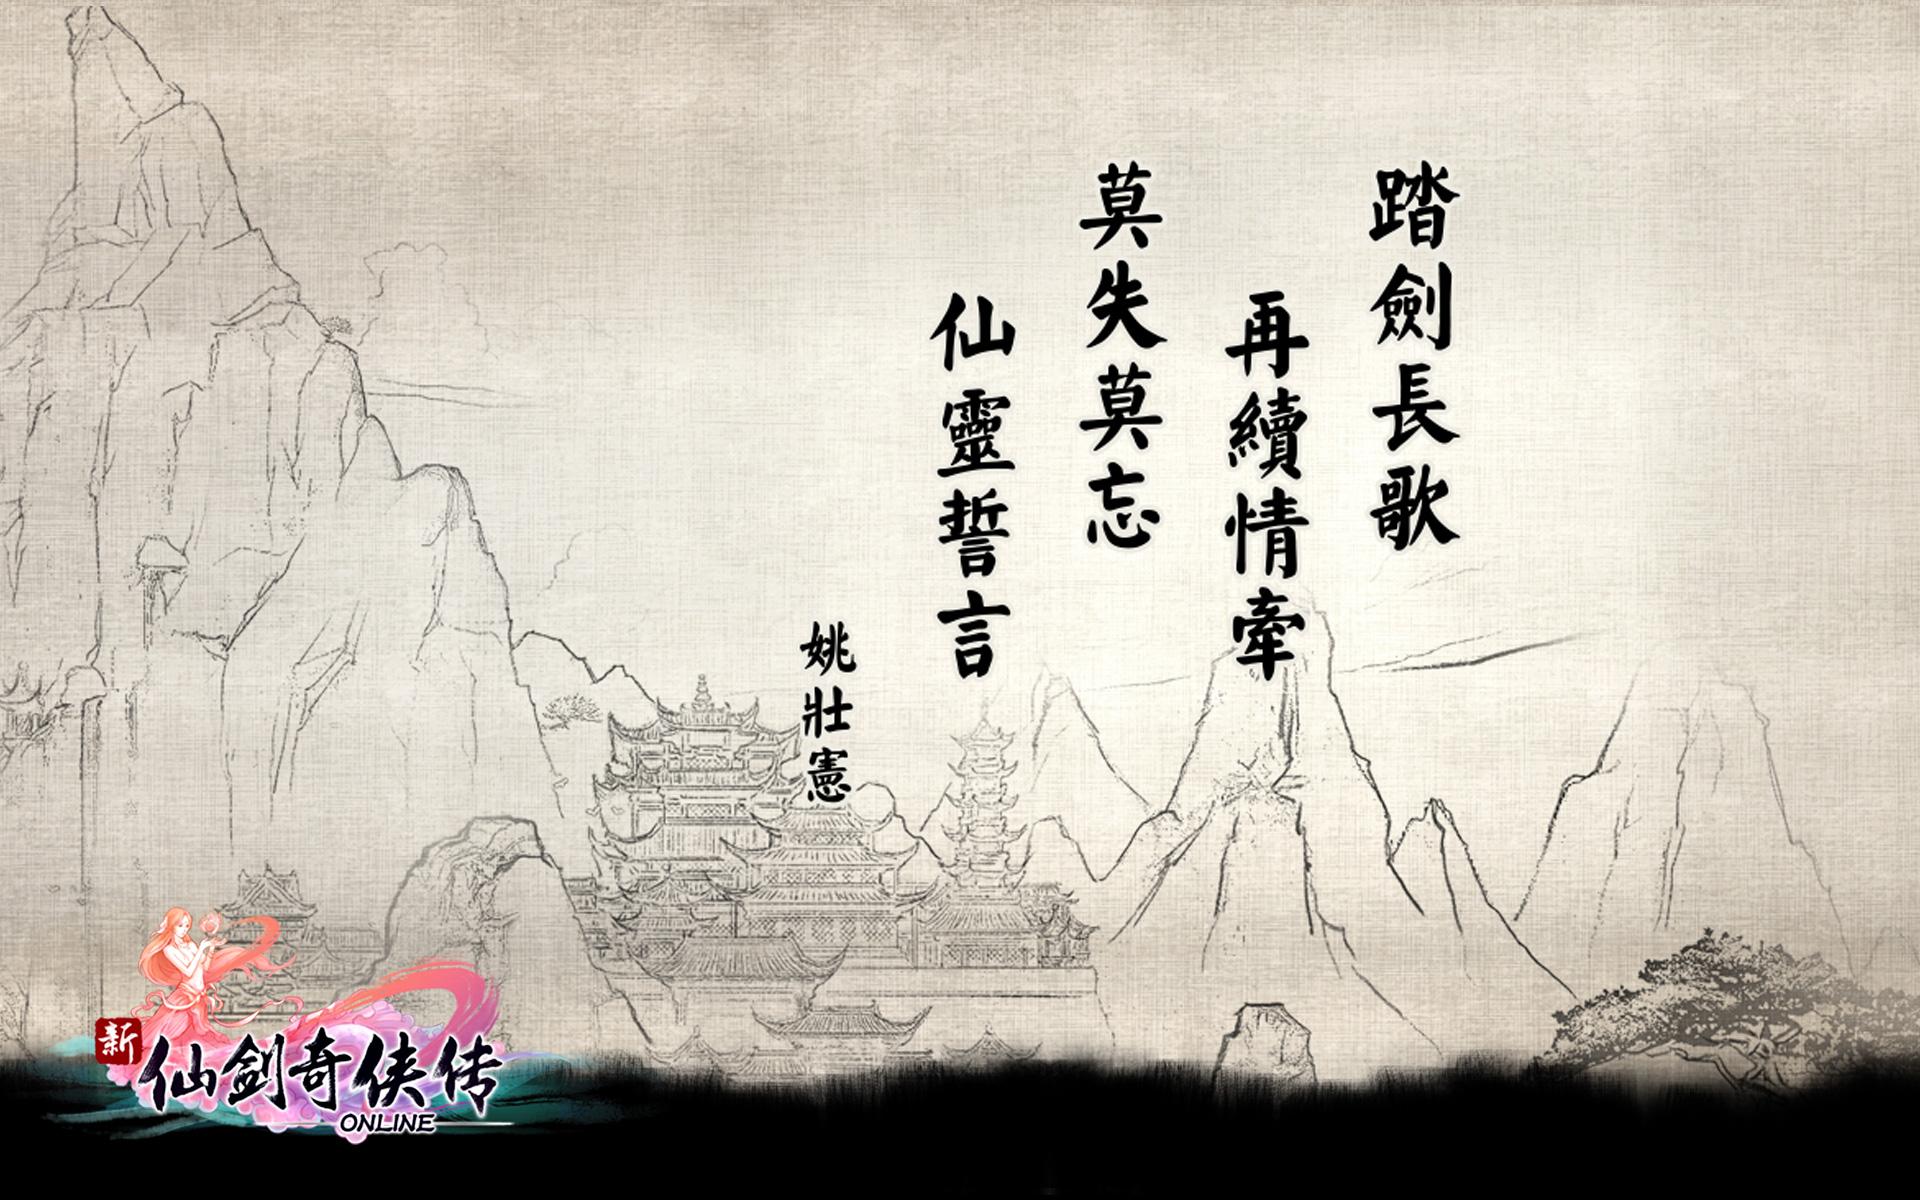 ...帷幕荣誉名-   中国风・轻音乐・新世纪・游戏原声『陆』